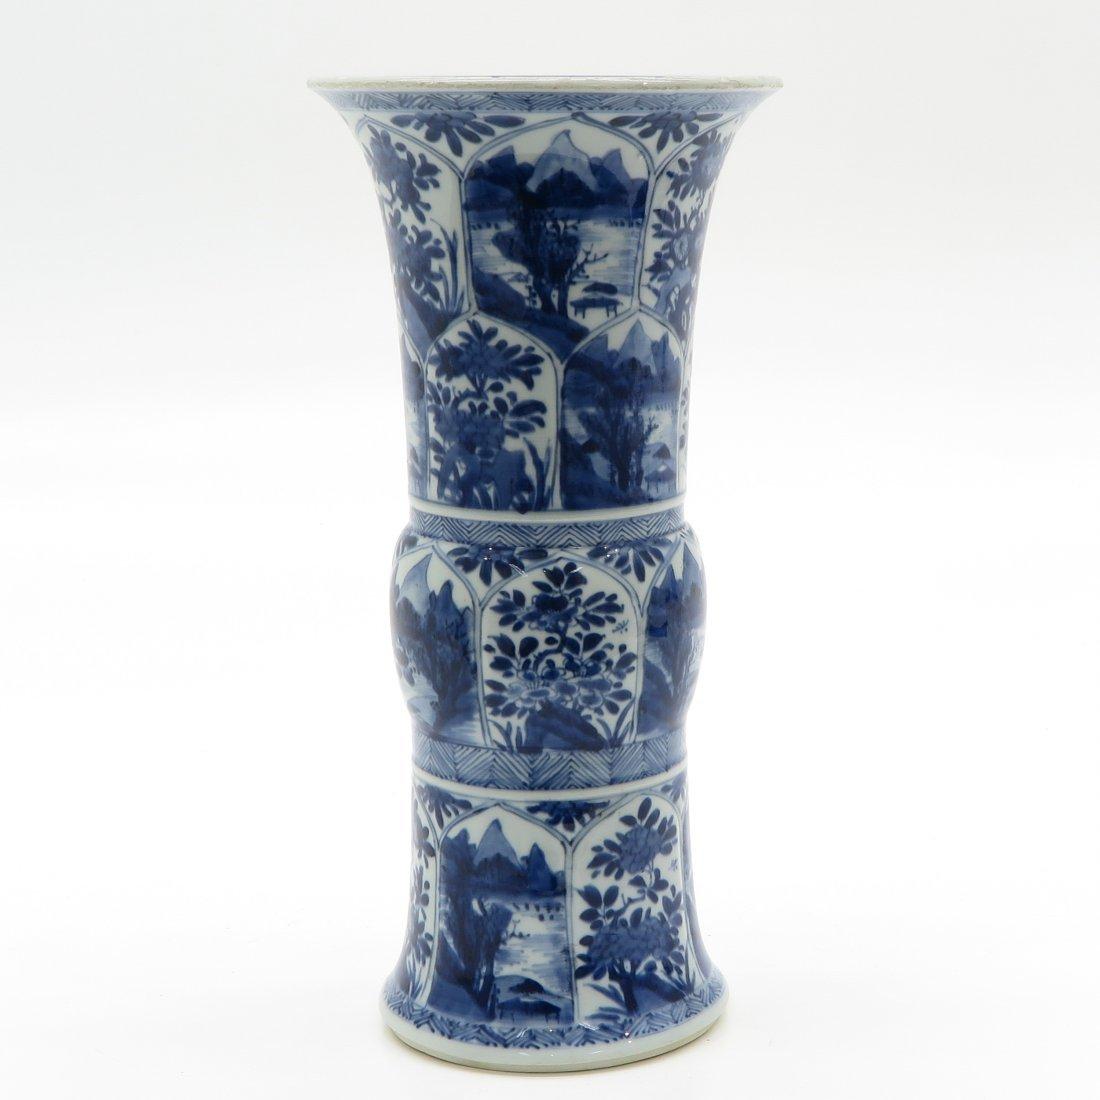 China Porcelain Kangxi Period Vase - 3